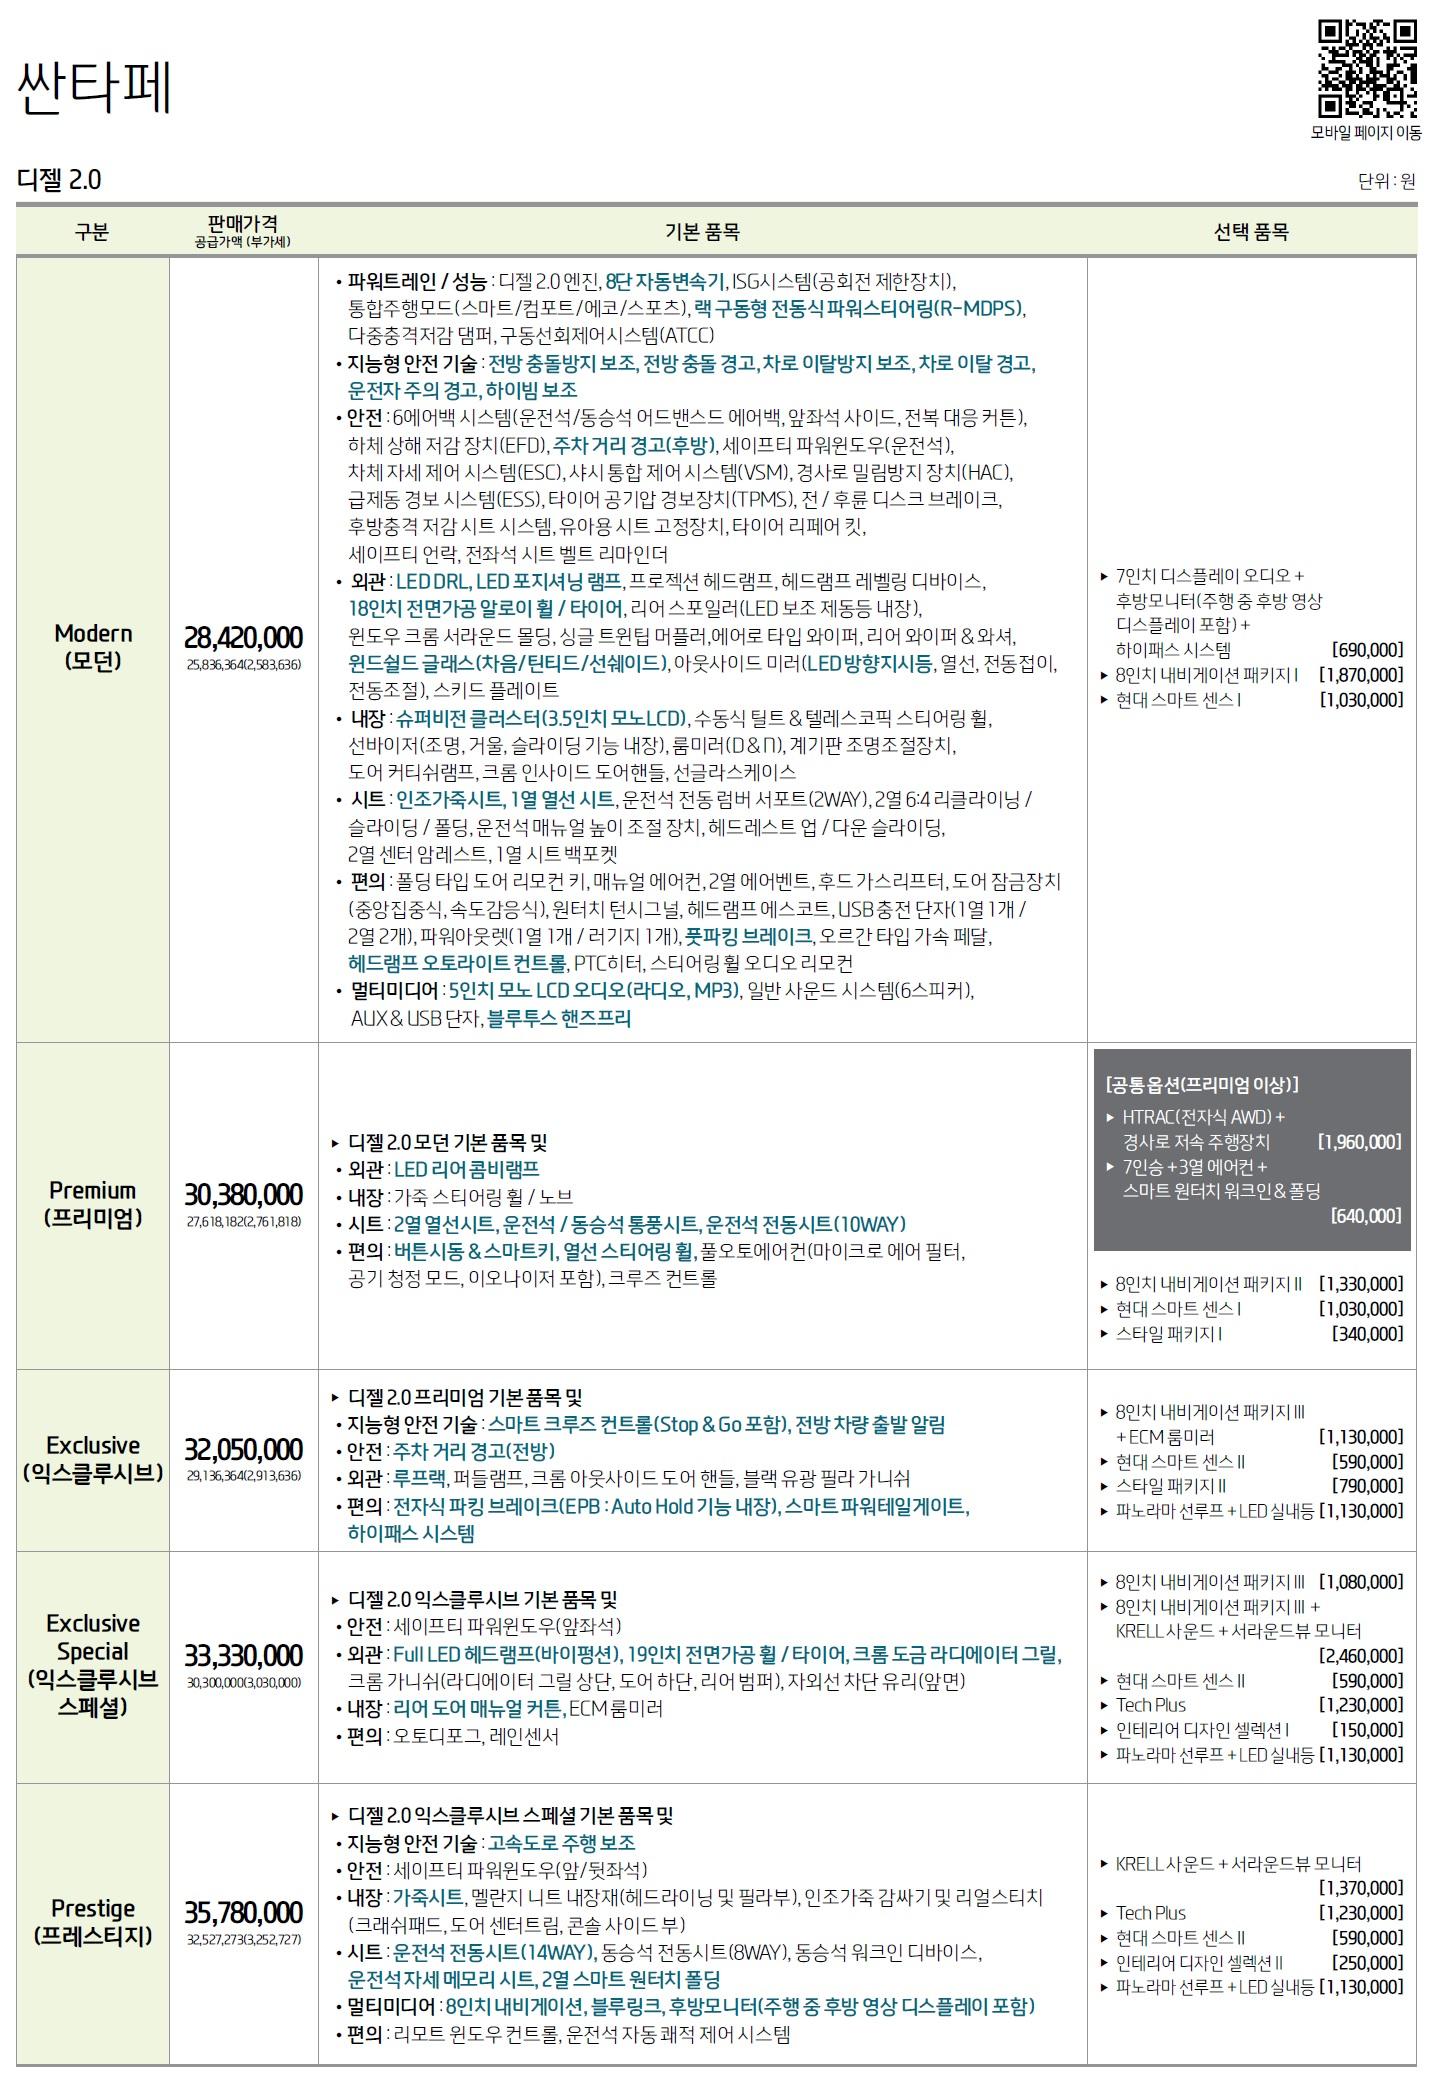 싼타페TM 가격표 - 2019년 01월 -1.jpg